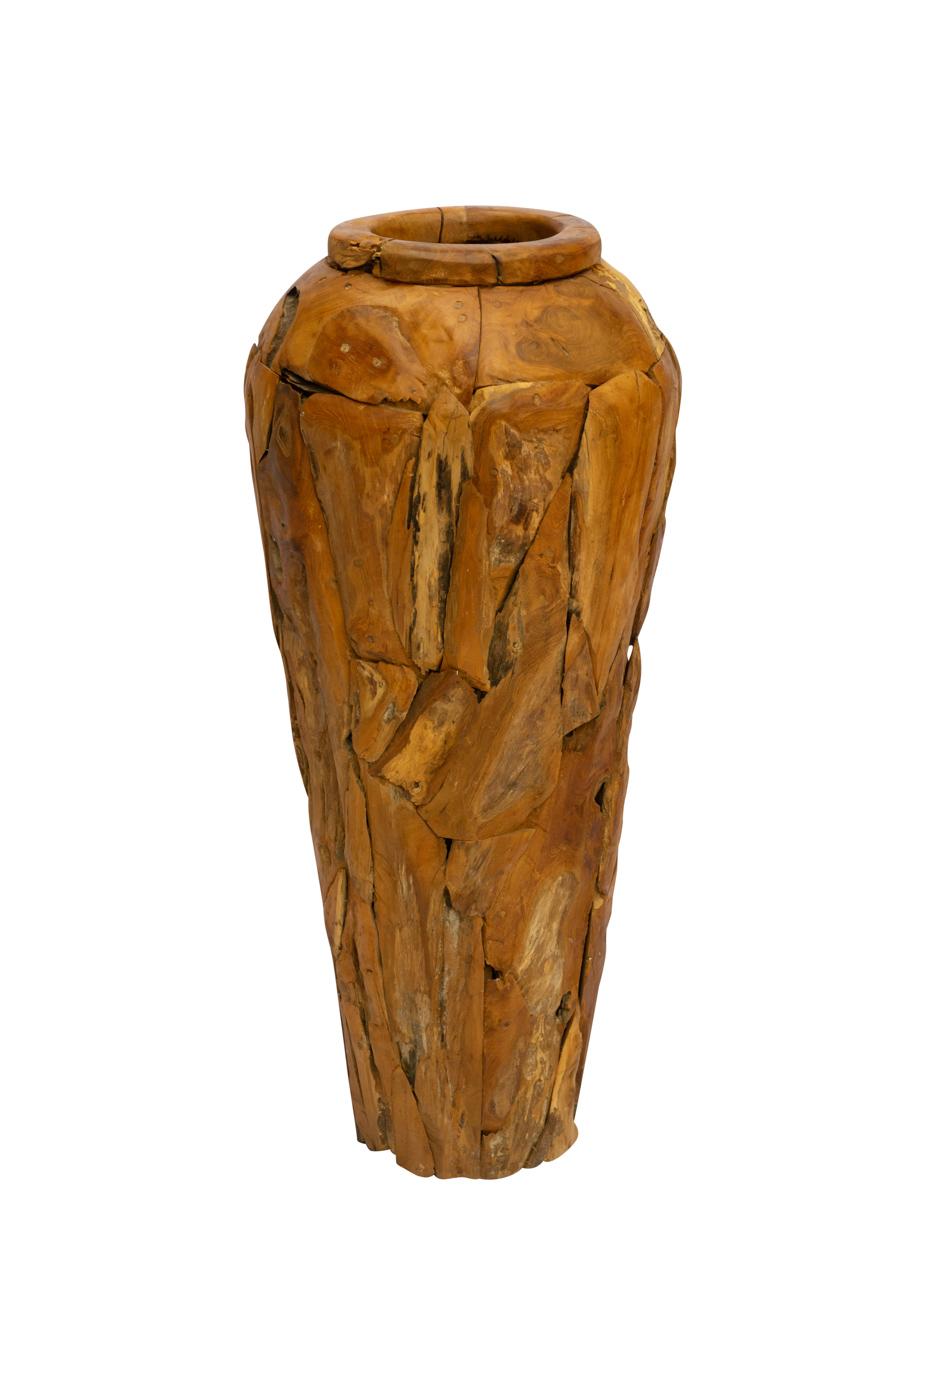 Erosi floor vase in recycled teak wood, 100 Cm